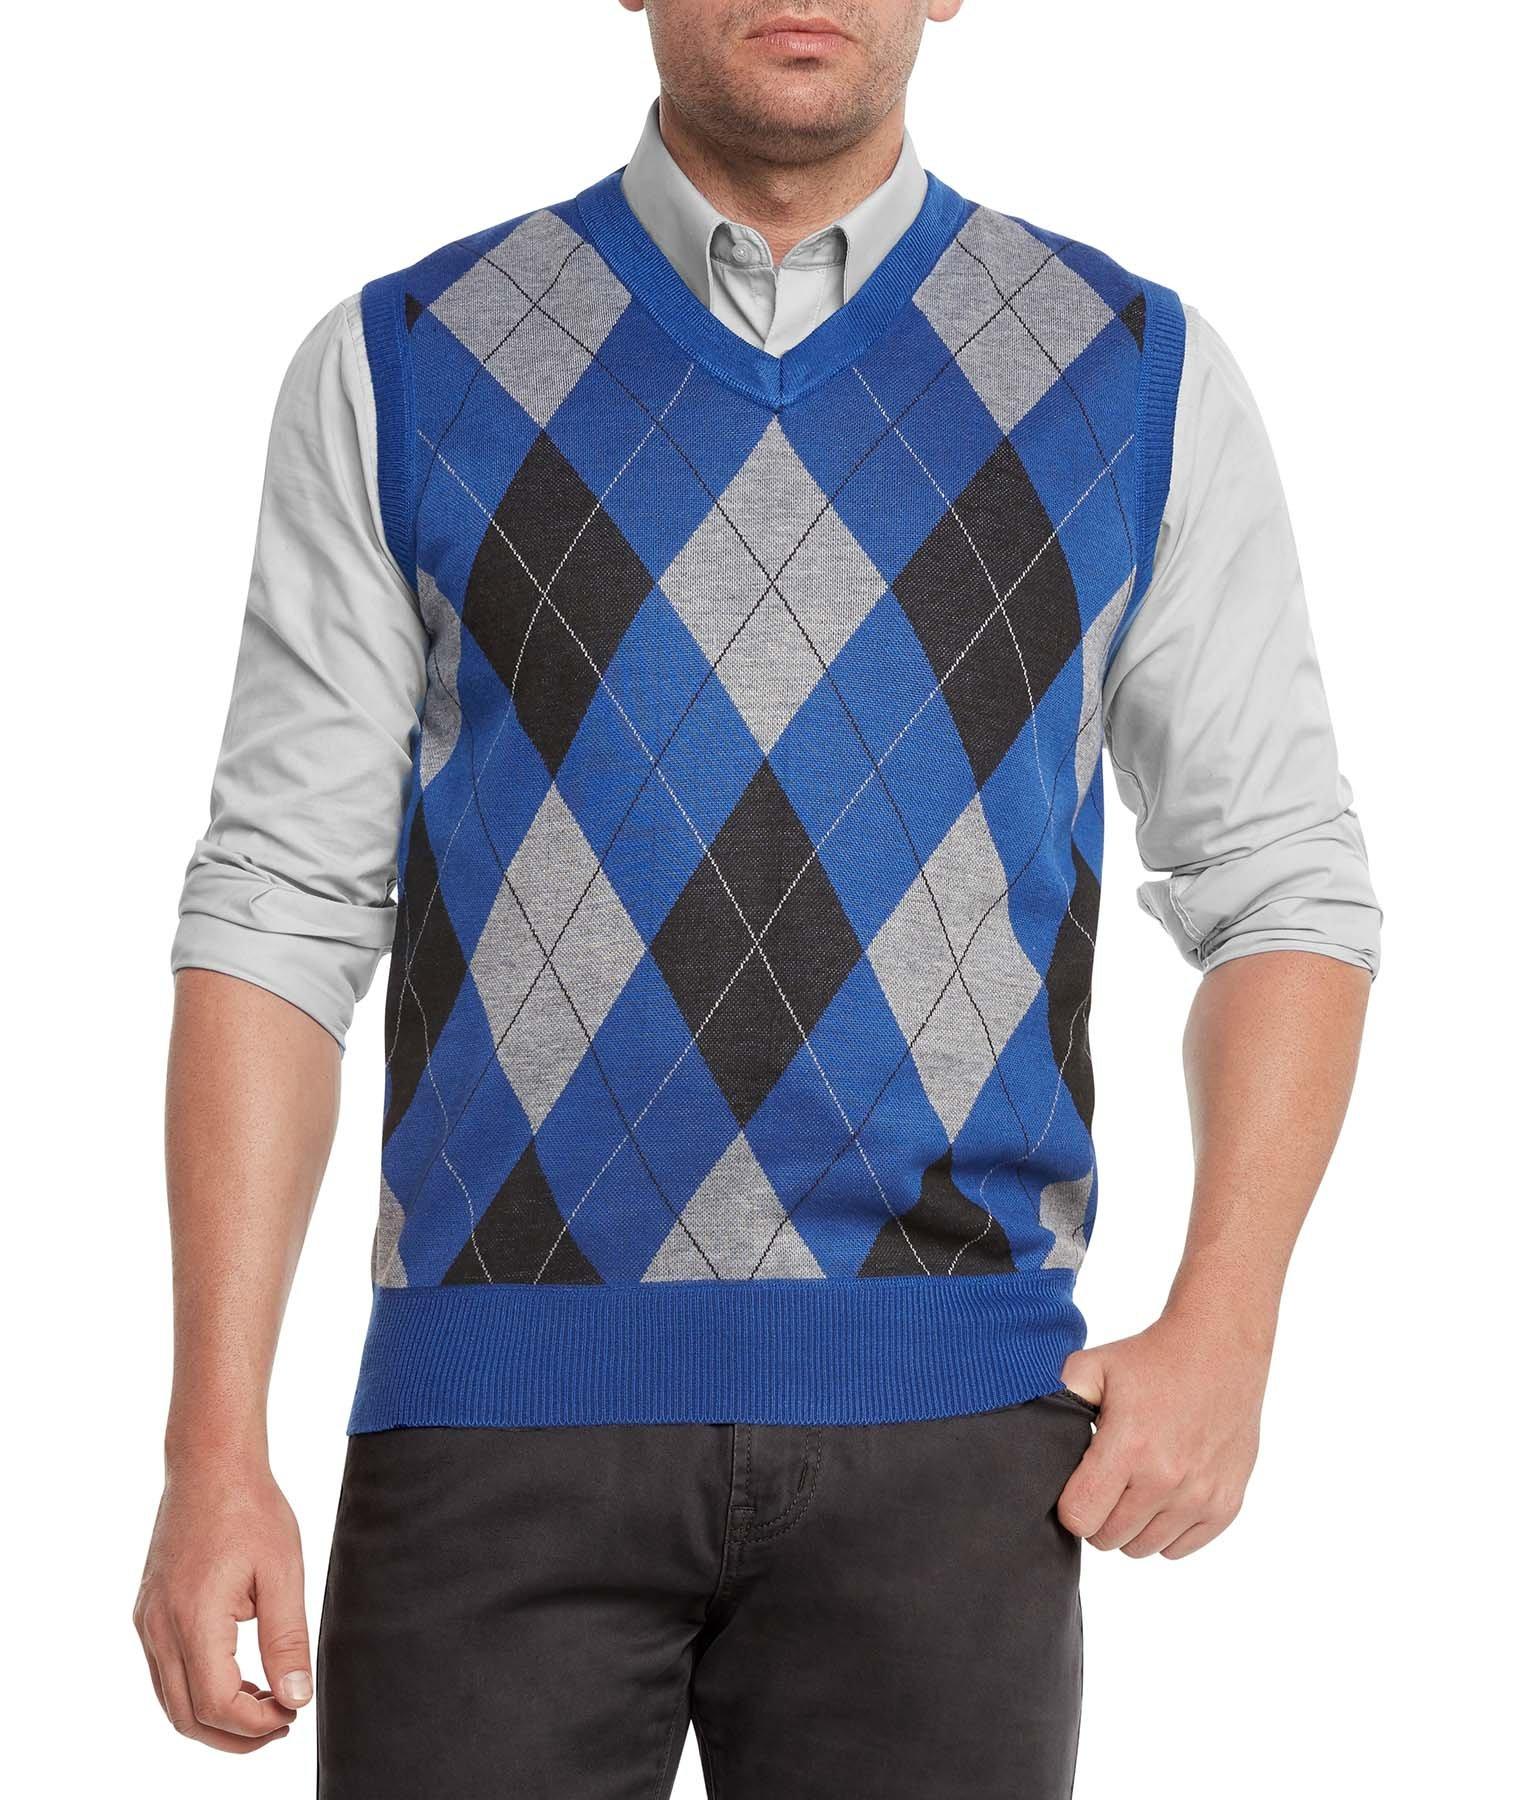 True Rock Men's Argyle V-Neck Sweater Vest-Royal/Blk/Gray-Large